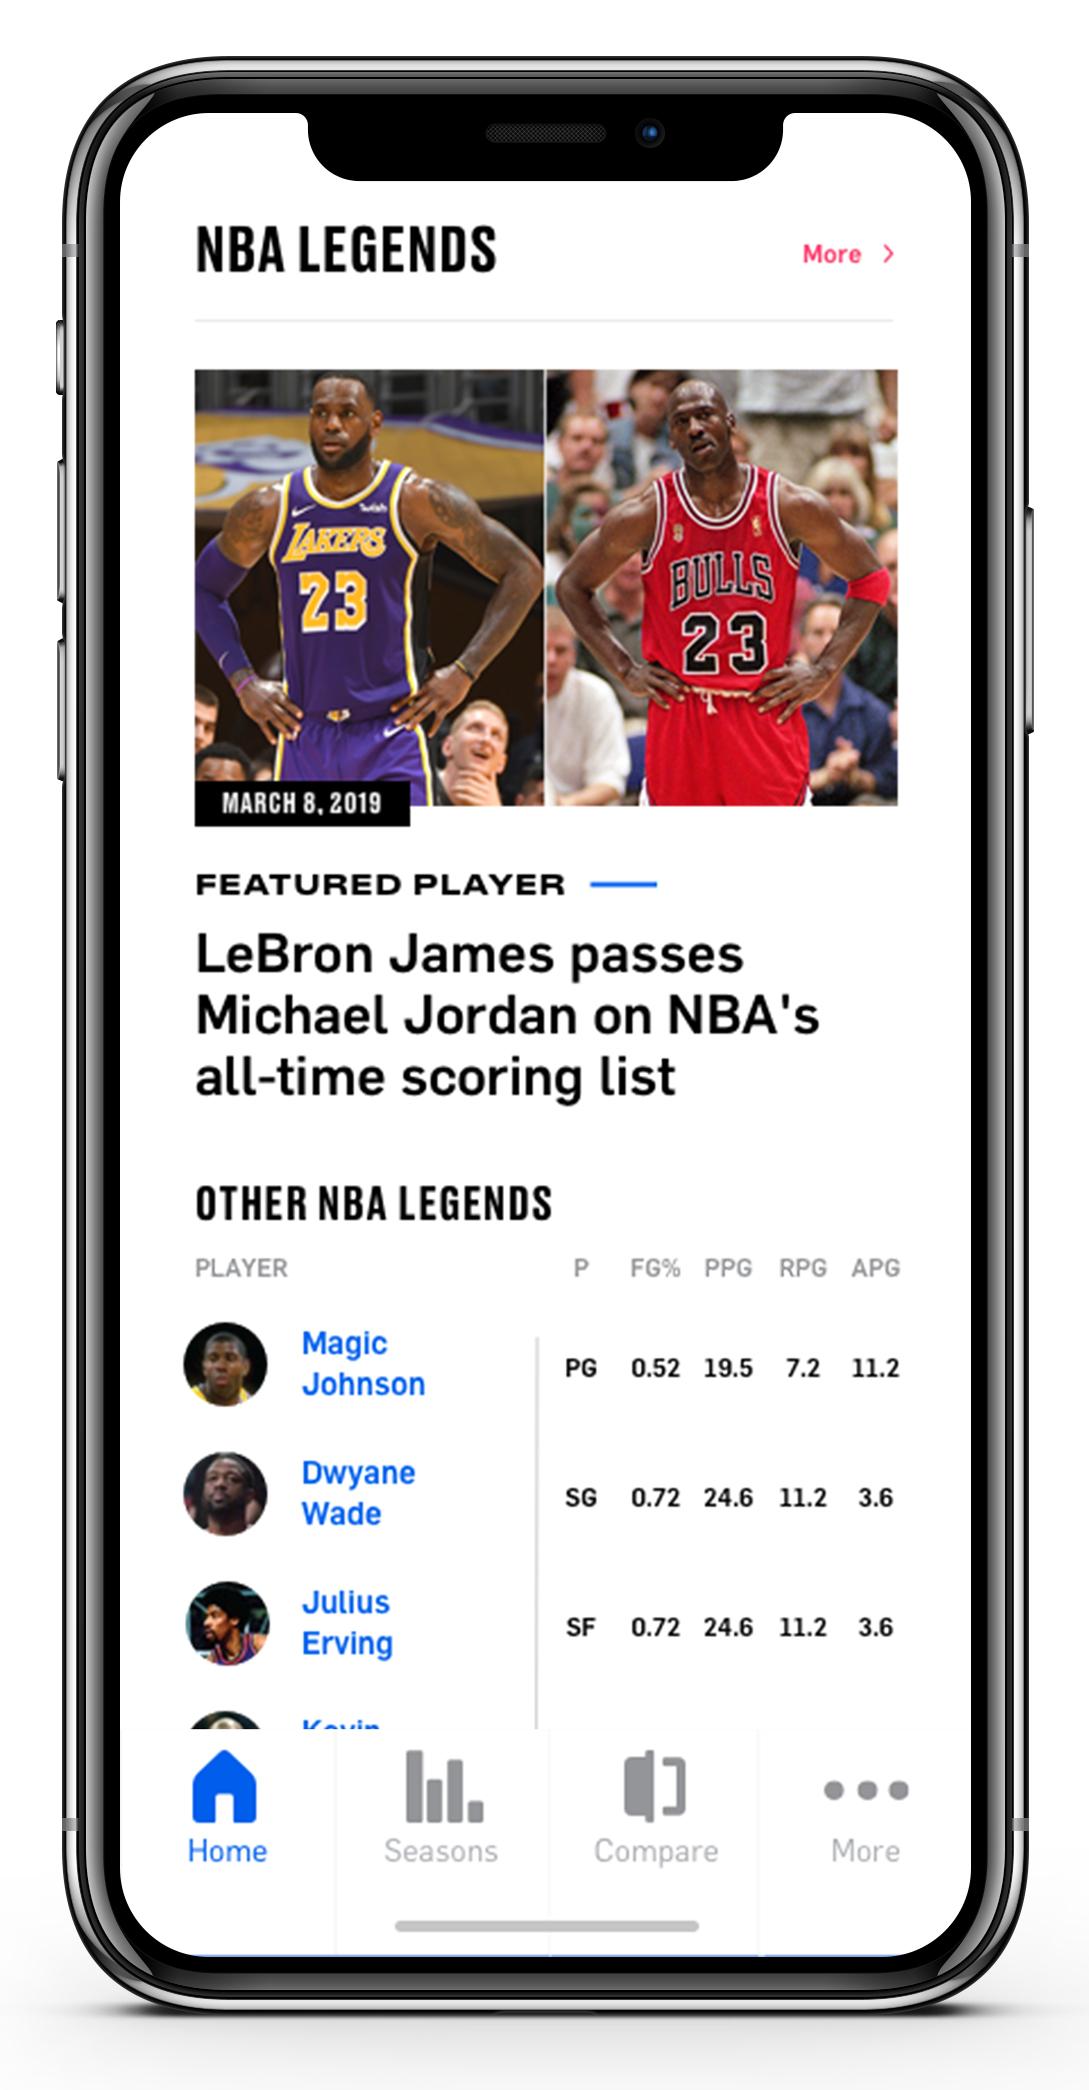 NBA-Legends.jpg